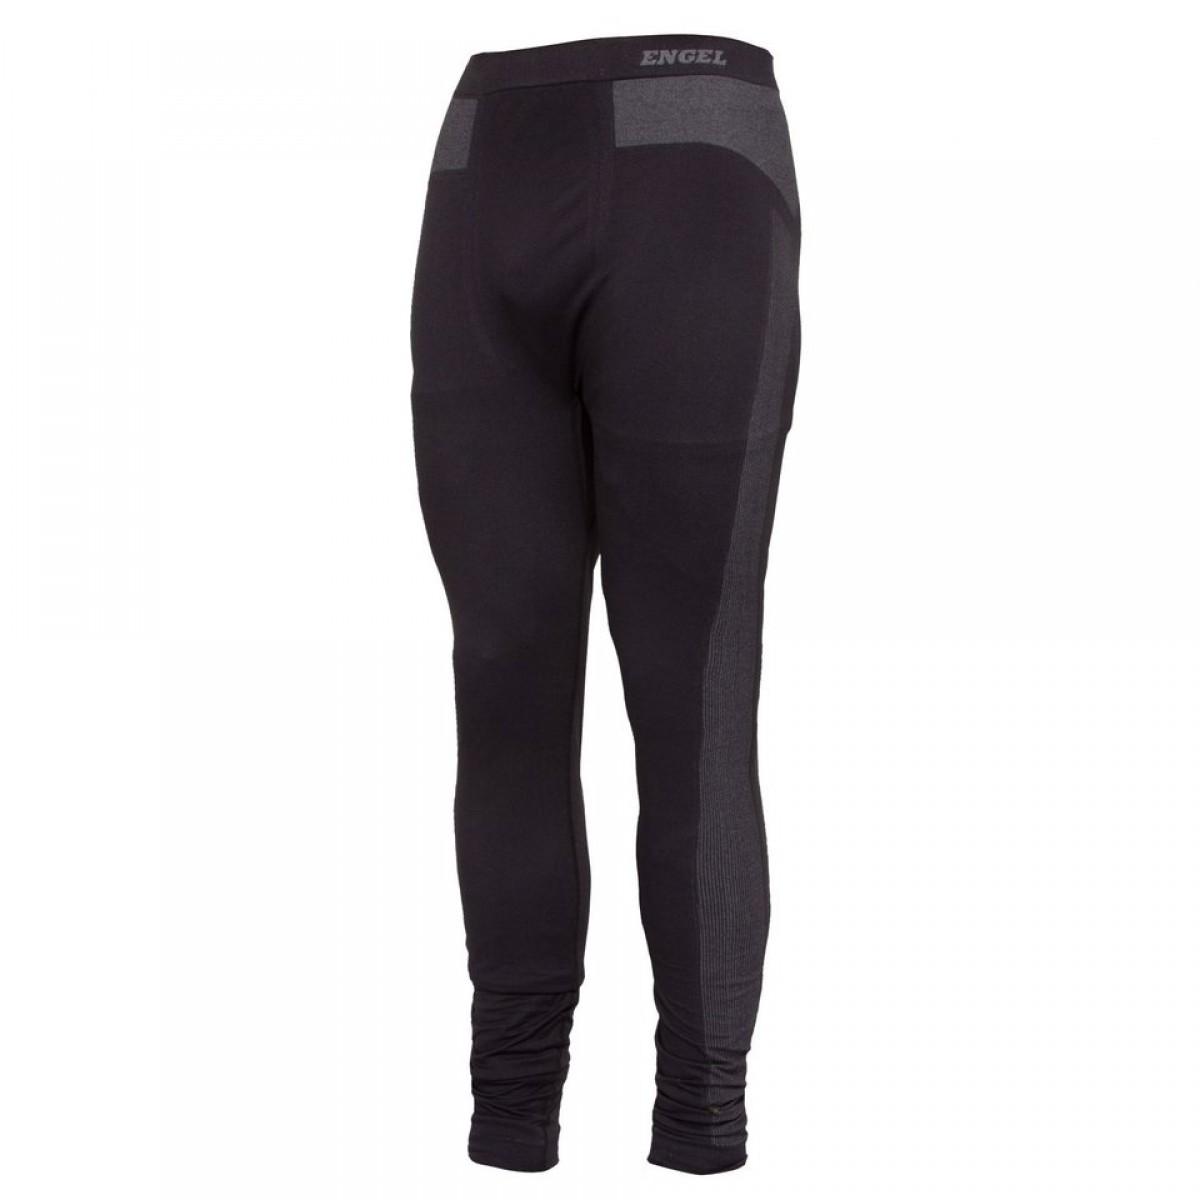 F. Engel Seamless Underwear Pants-31